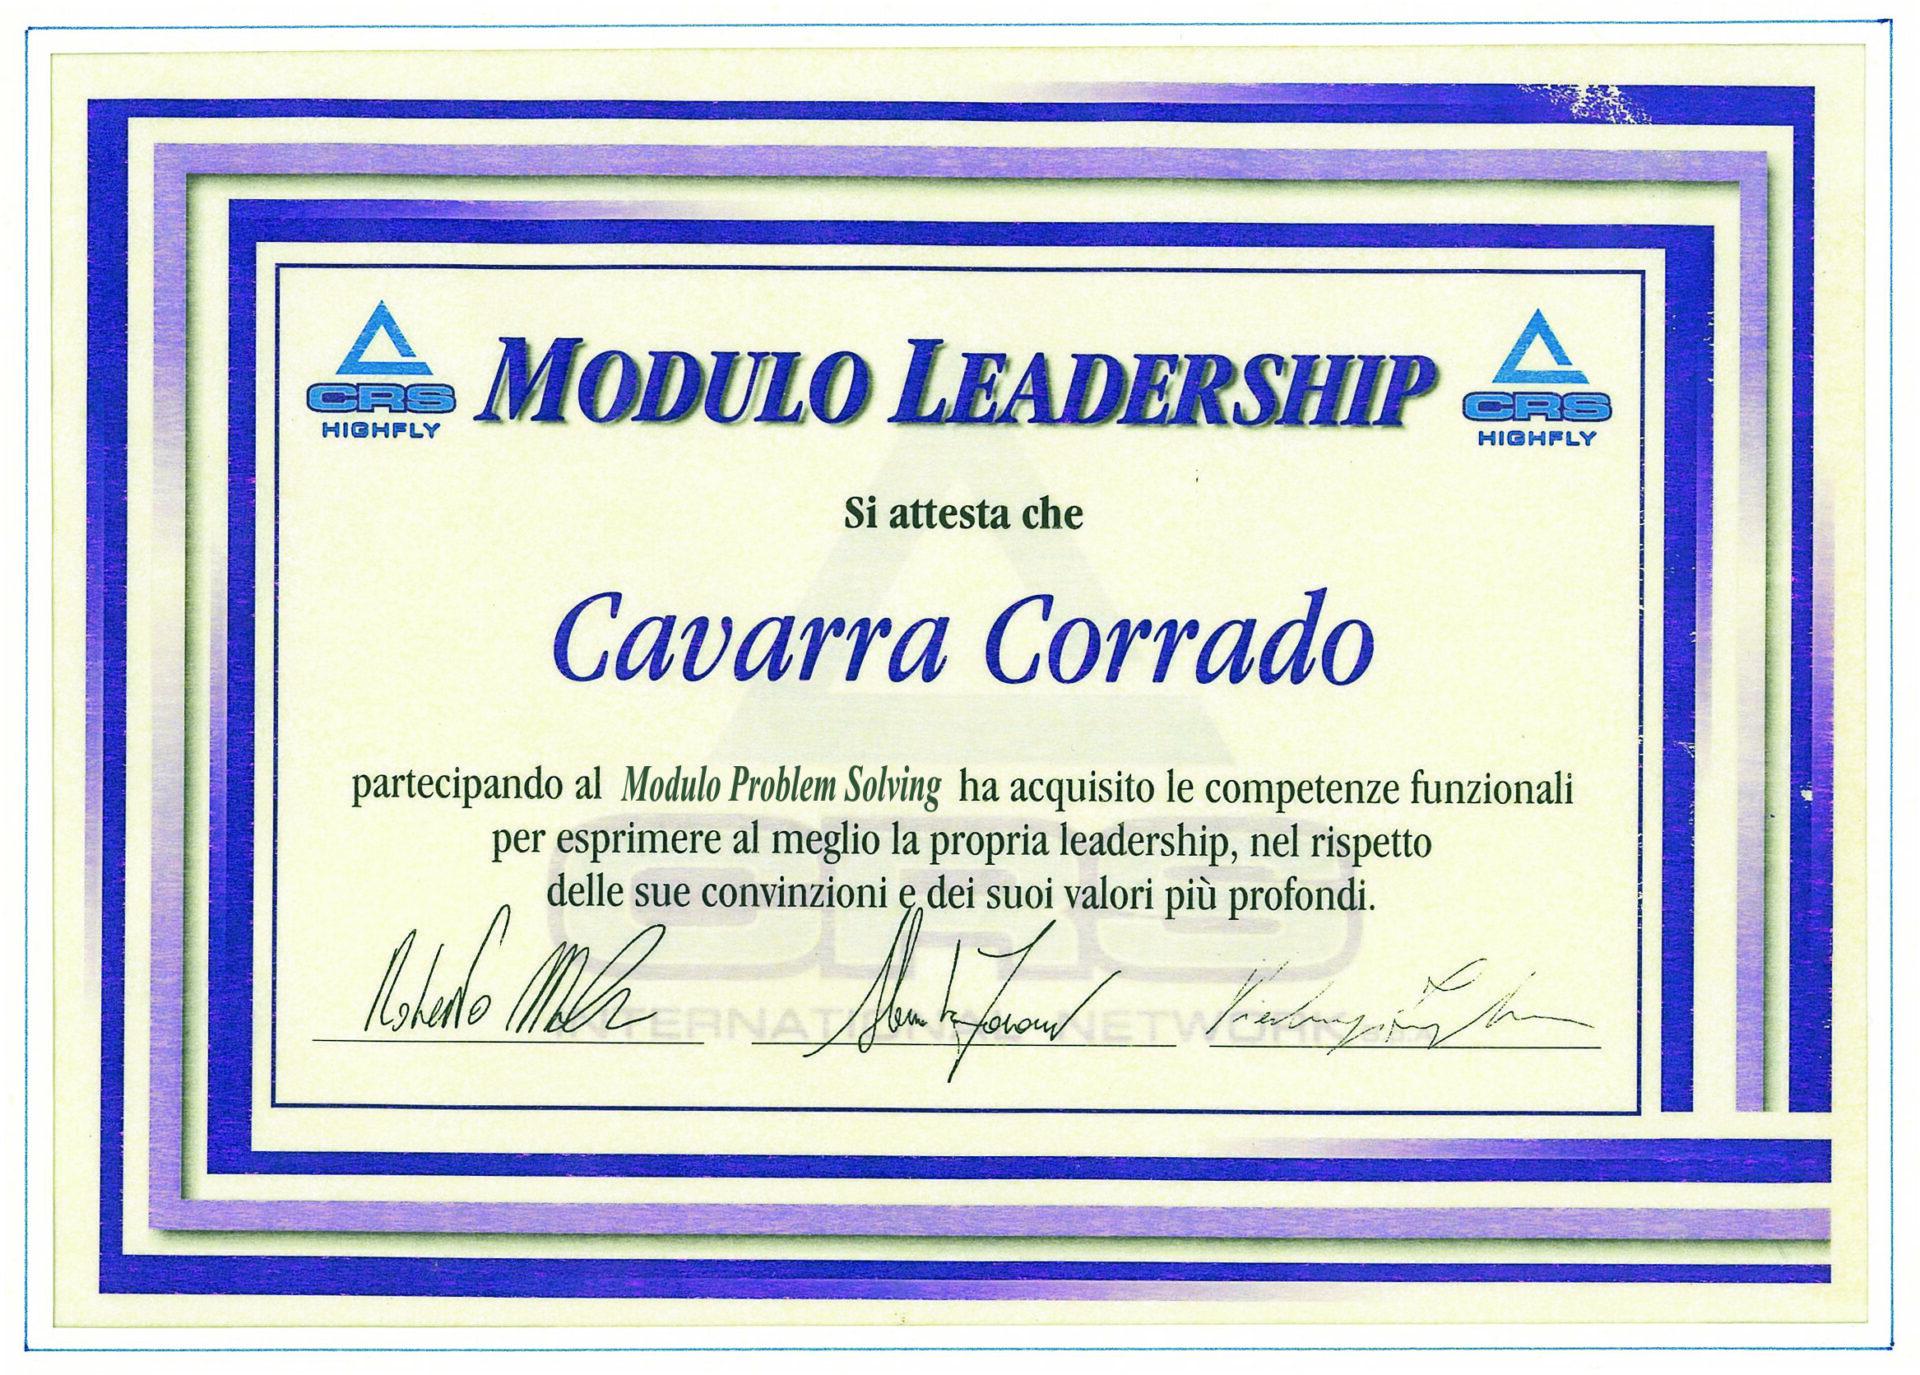 Attestati e riconoscimenti Corrado Cavarra7